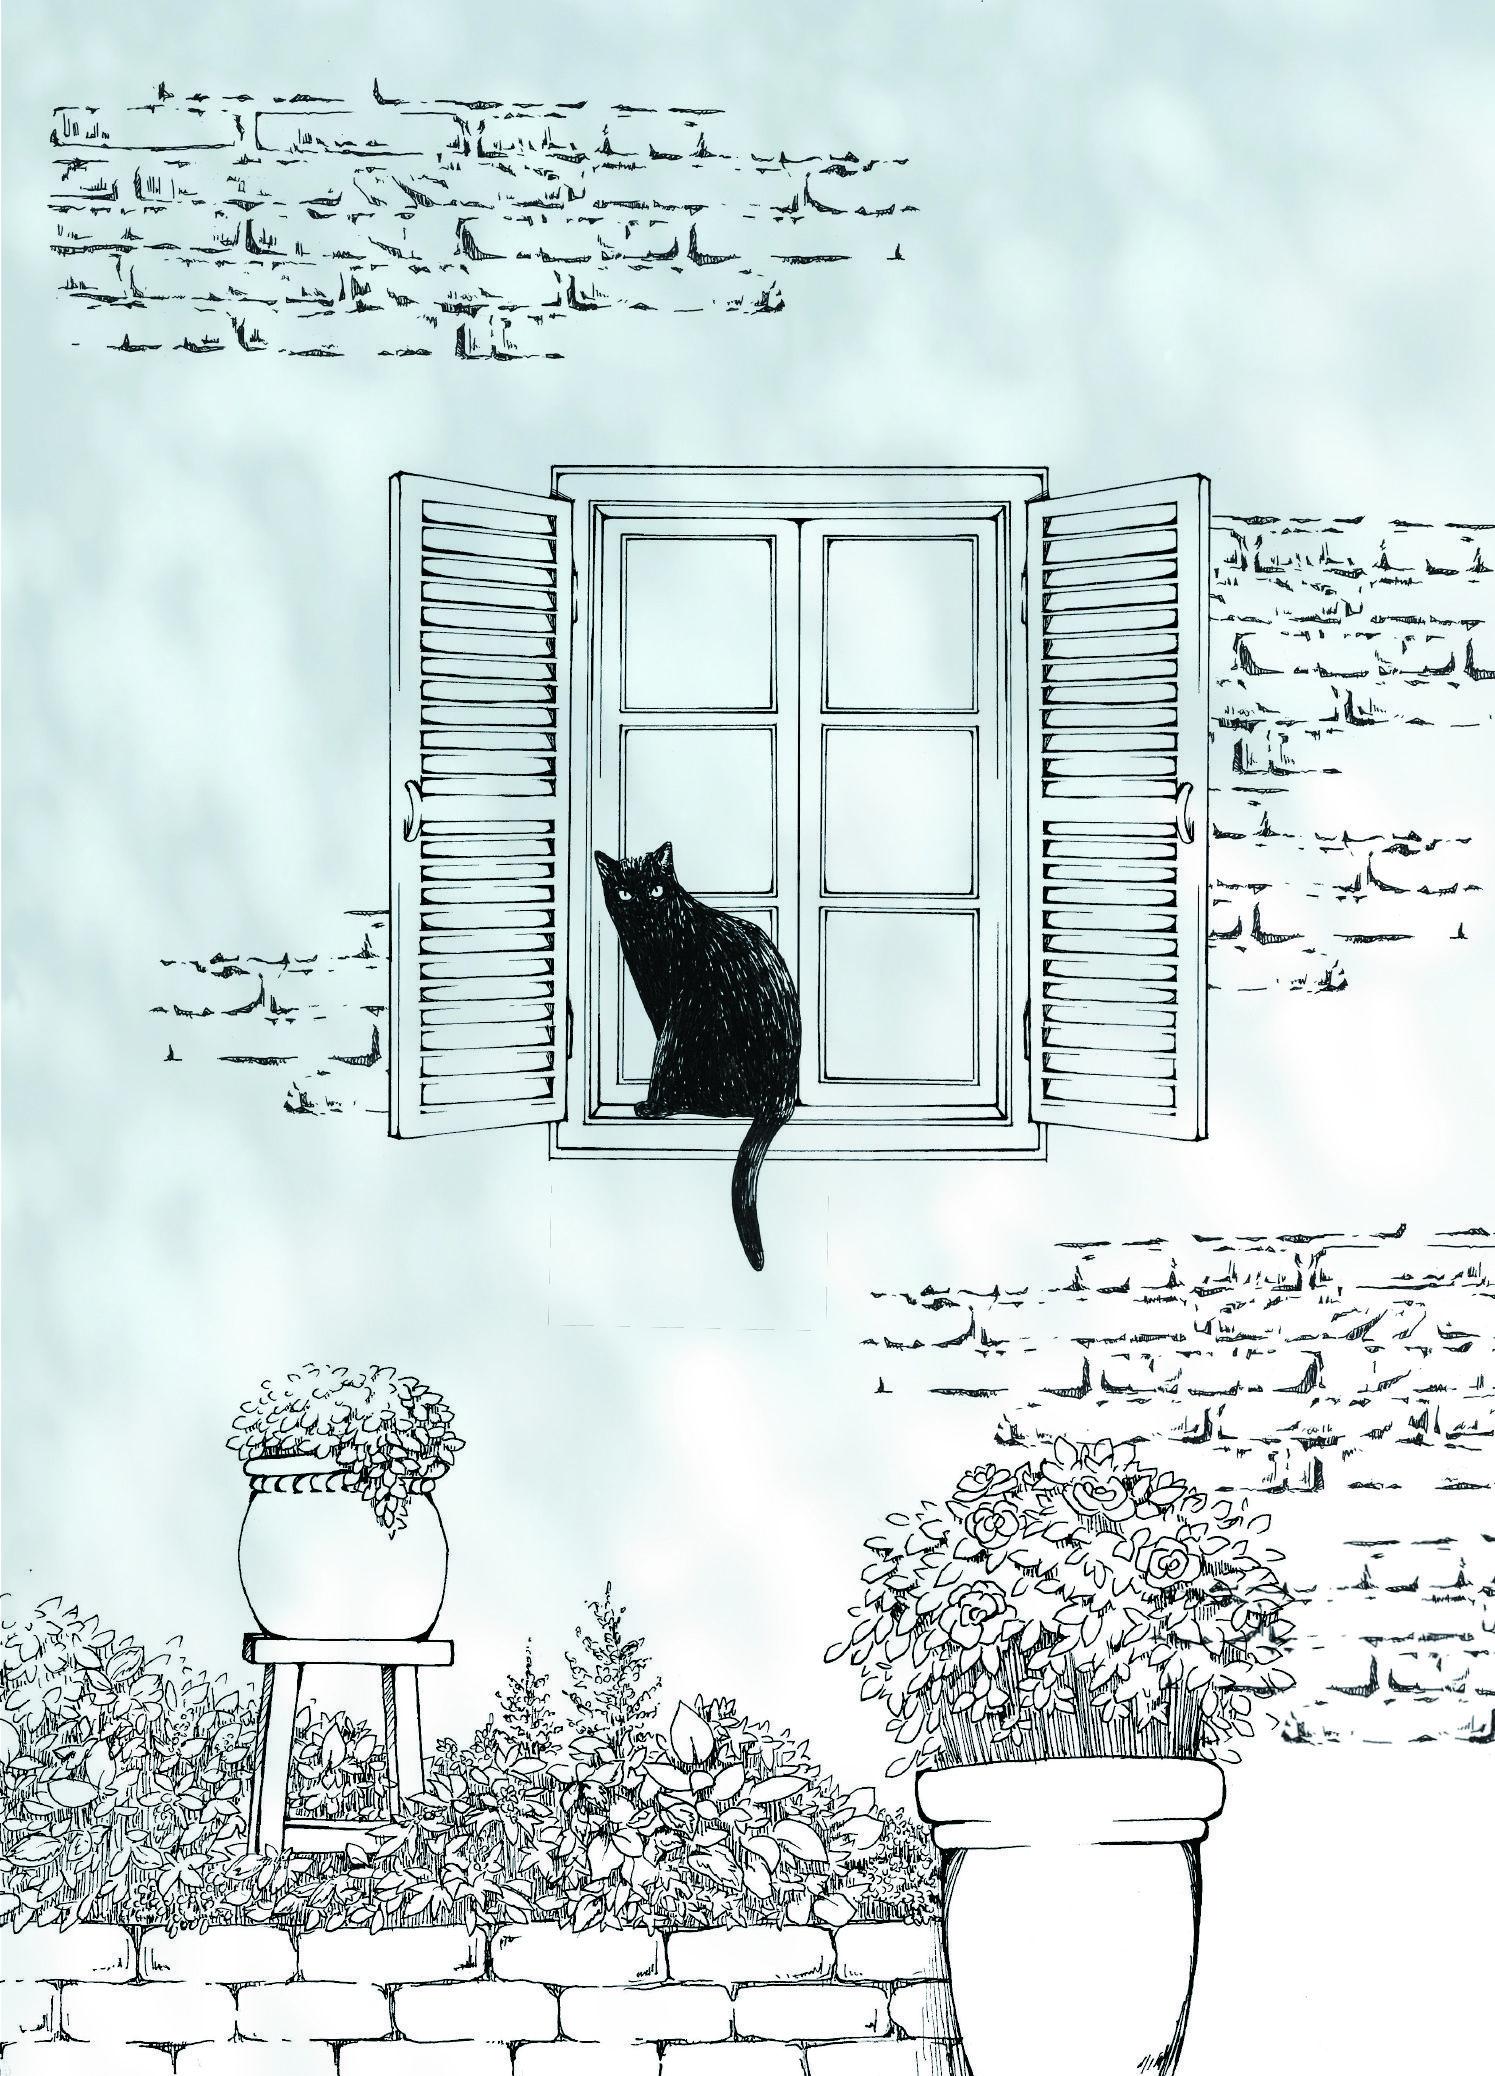 Cat 猫 黒猫 イラスト 窓 レンガ 木漏れ日 ウォールステッカー